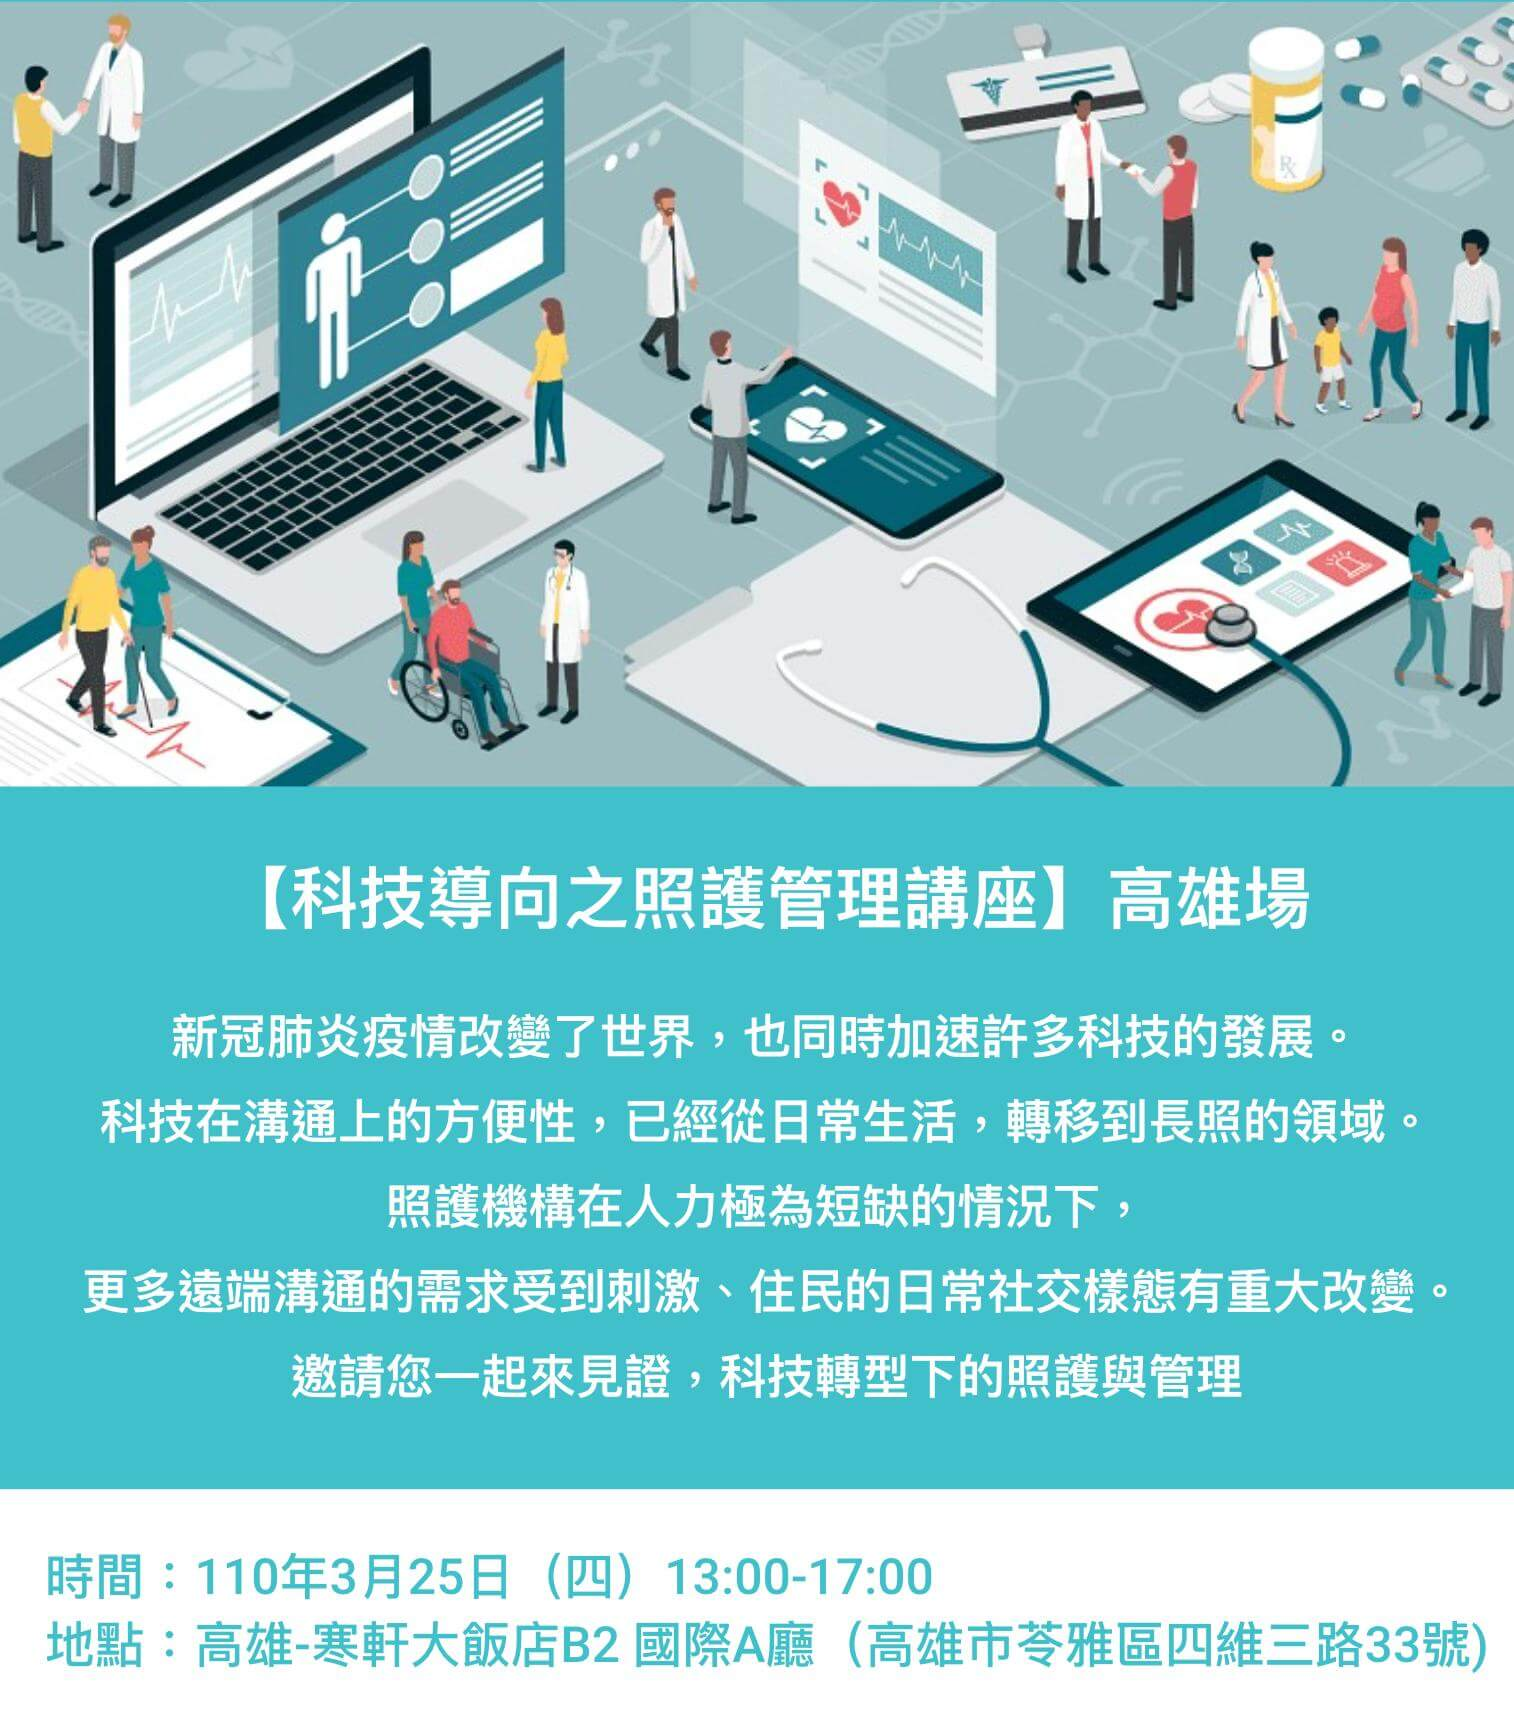 科技導向之照護管理講座(行動醫療)